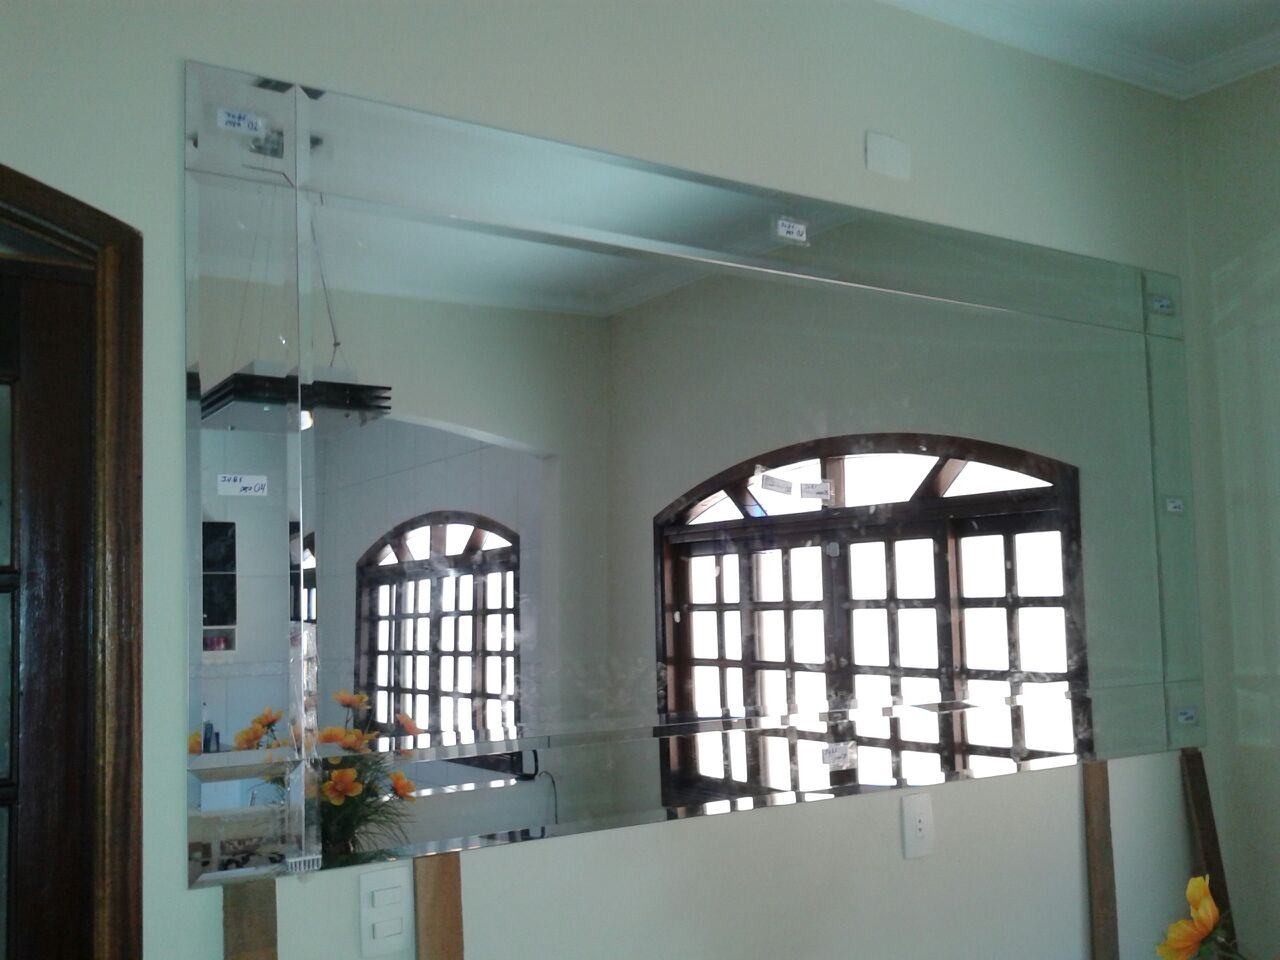 Serviços de Corrimão de Vidro na Vila Medeiros - Corrimão de Vidro